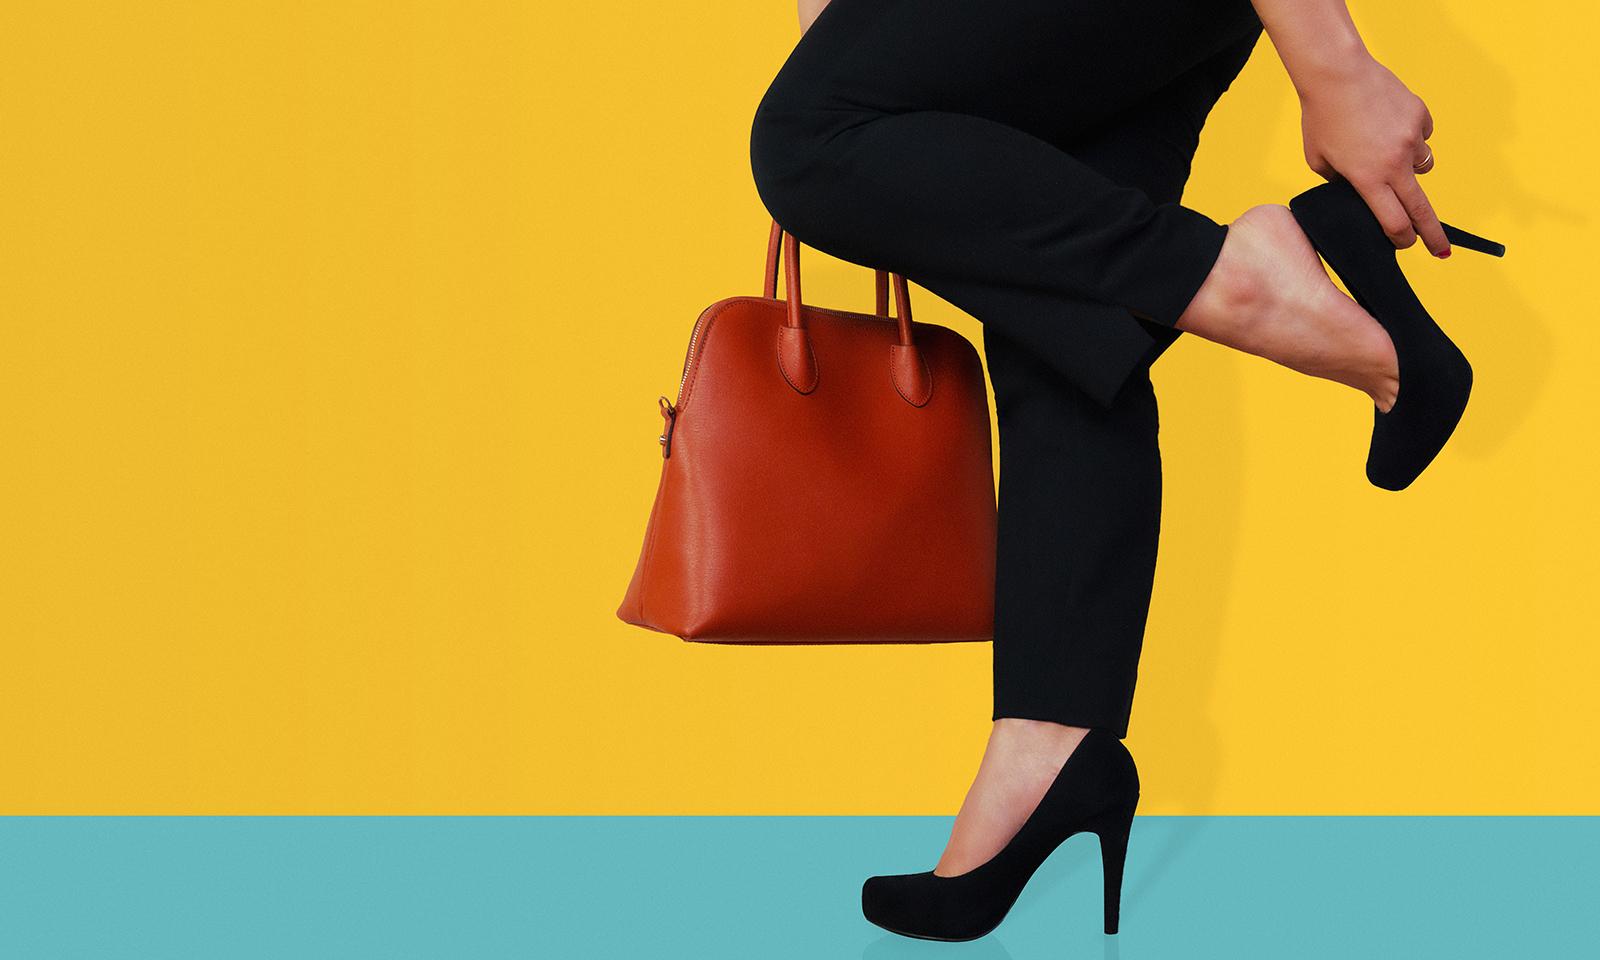 best-heels-for-your-first-date-woman-inblack-heels-grabbing-foot